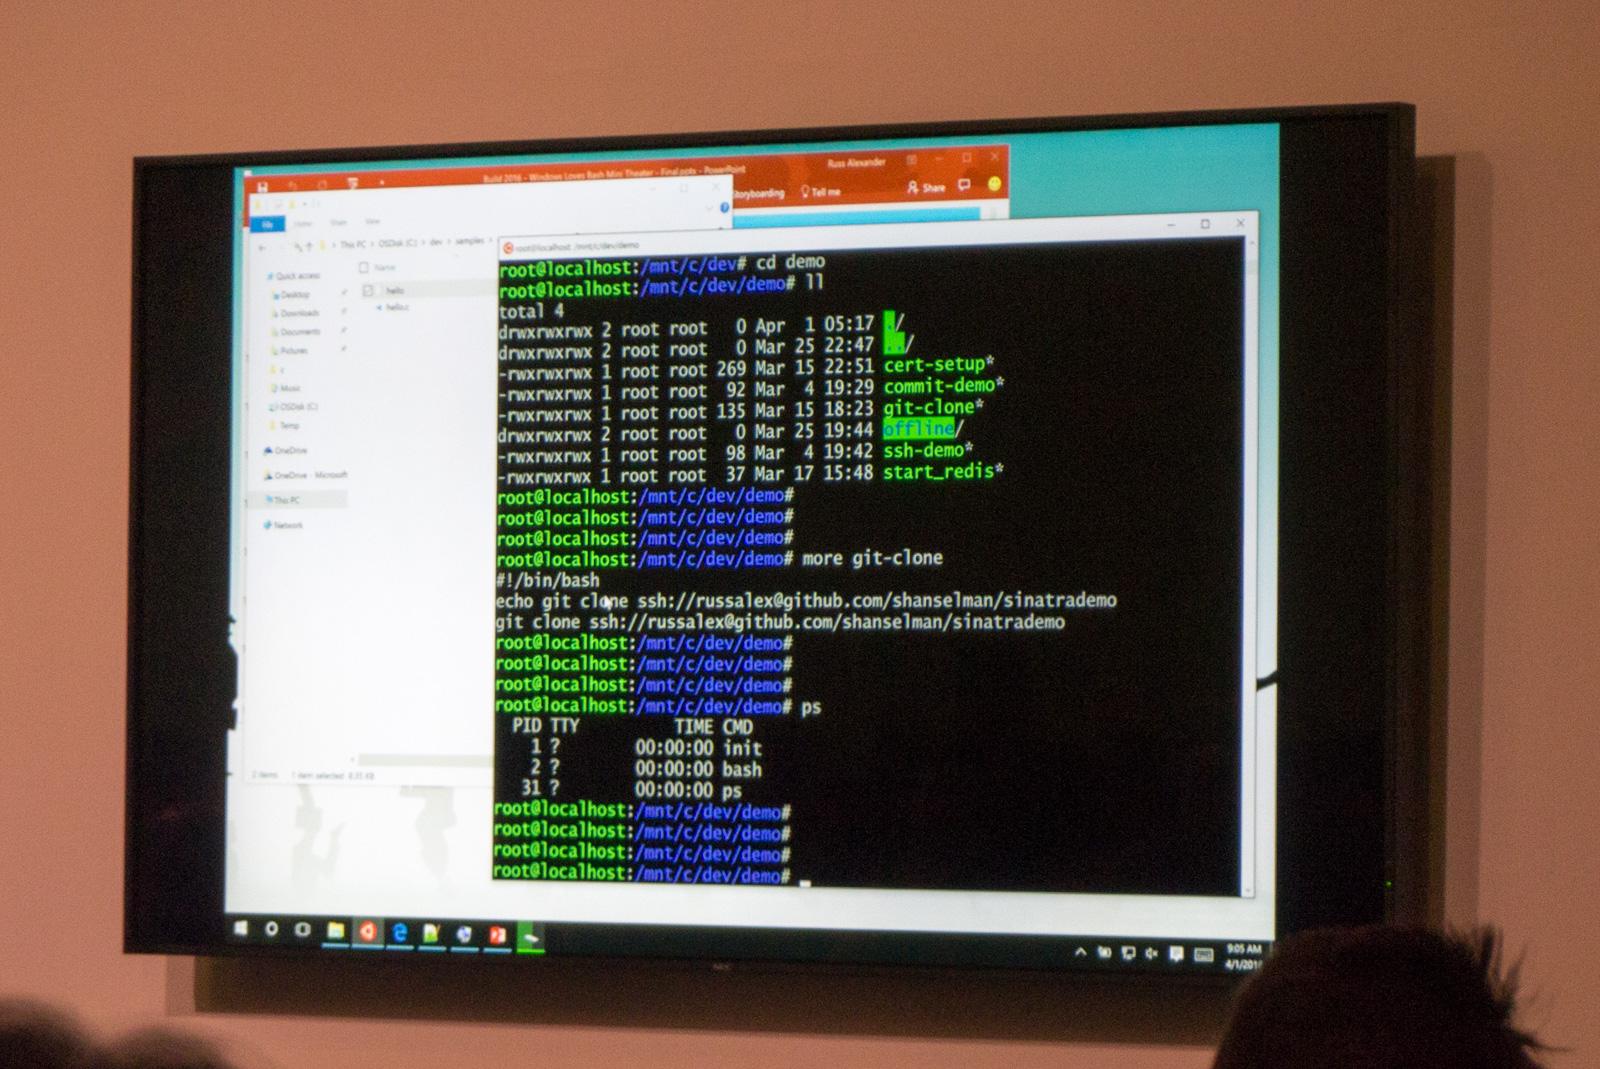 Windows 10 Version 1607: Windows-Subsystem für Linux wird Einschränkungen haben - Arbeiten mit Git ... (Foto: Andreas Sebayang/Golem.de)